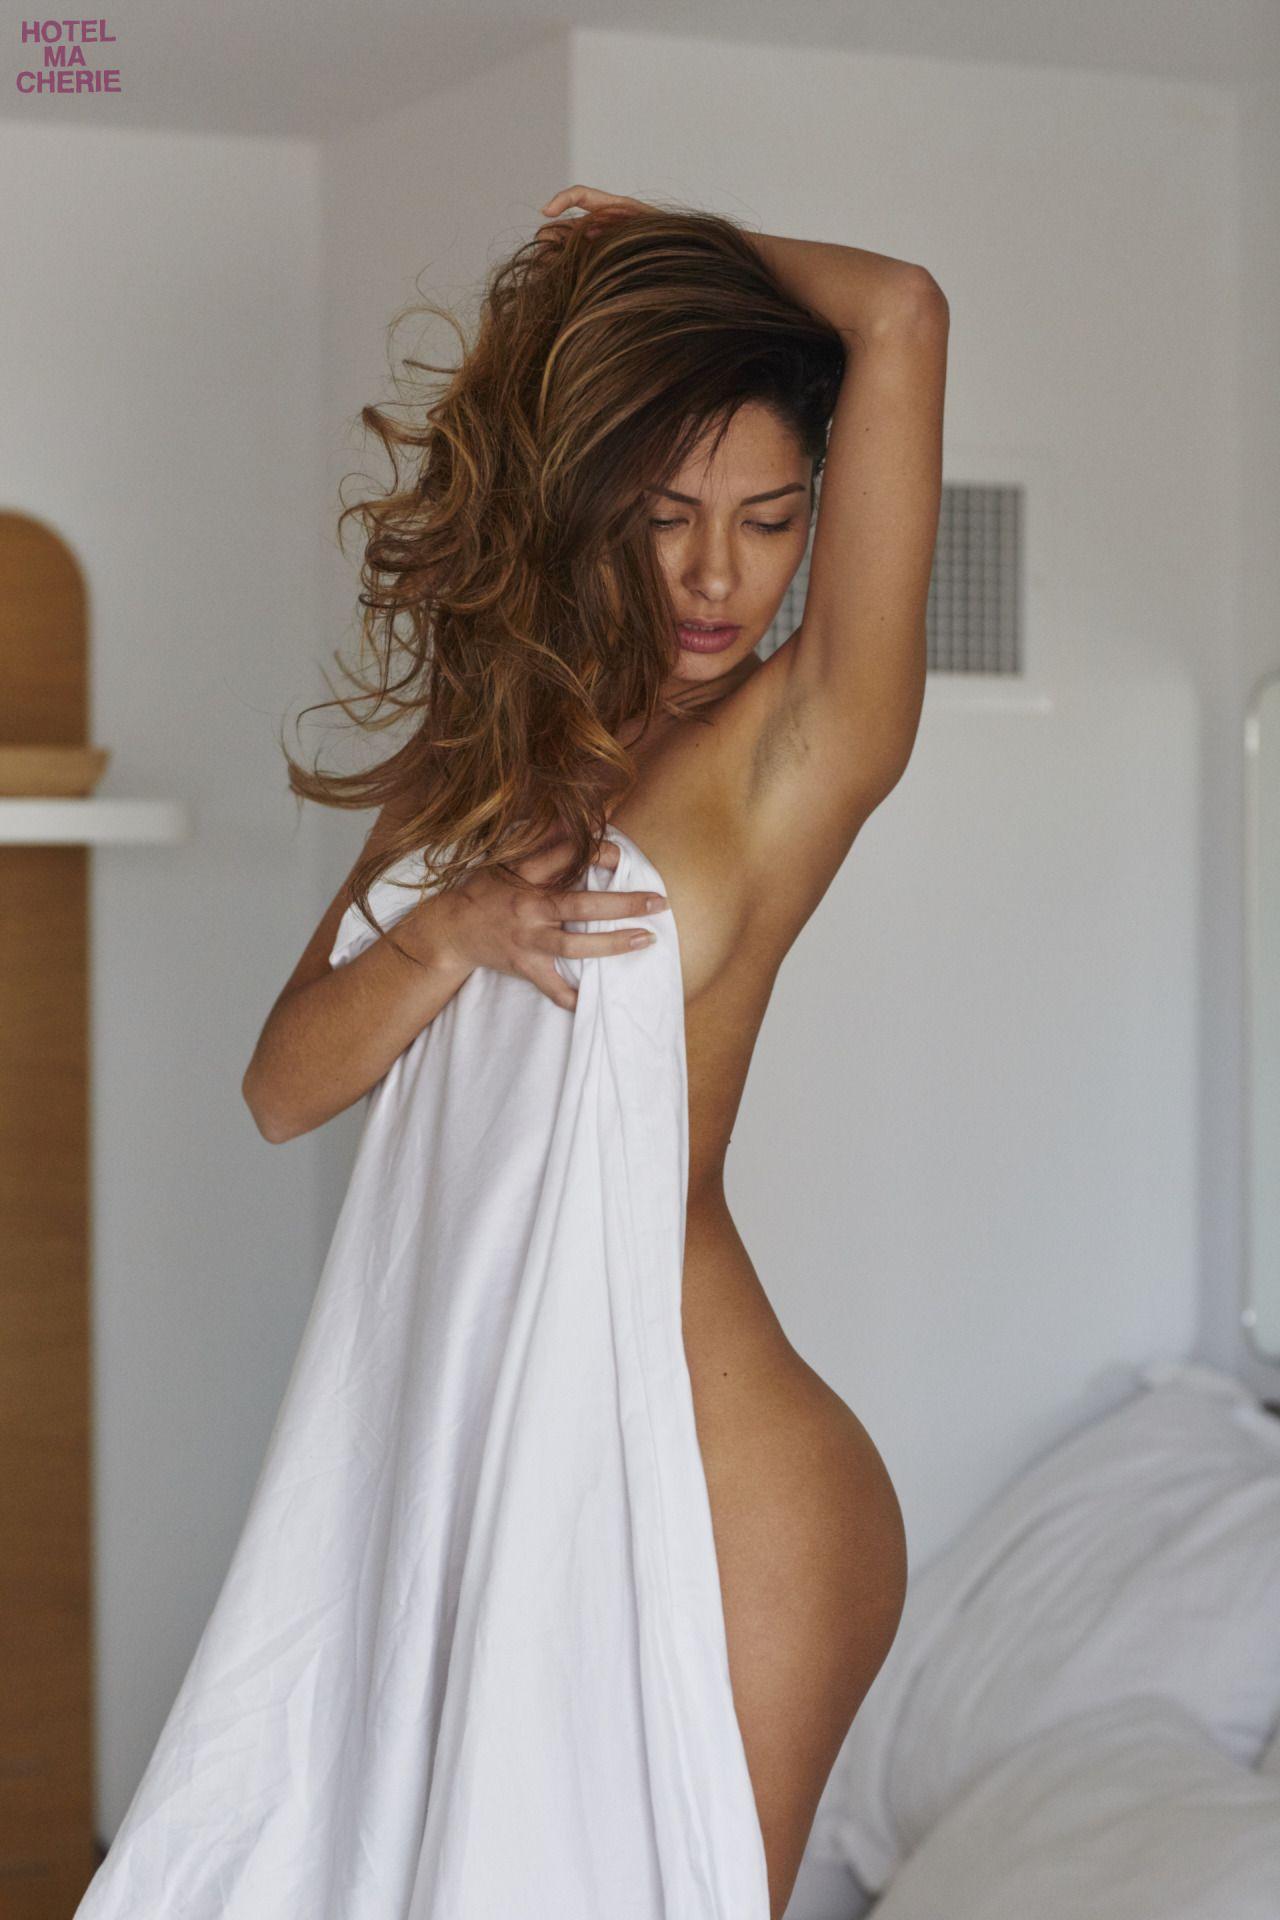 Kat-Kelley-Nude-15